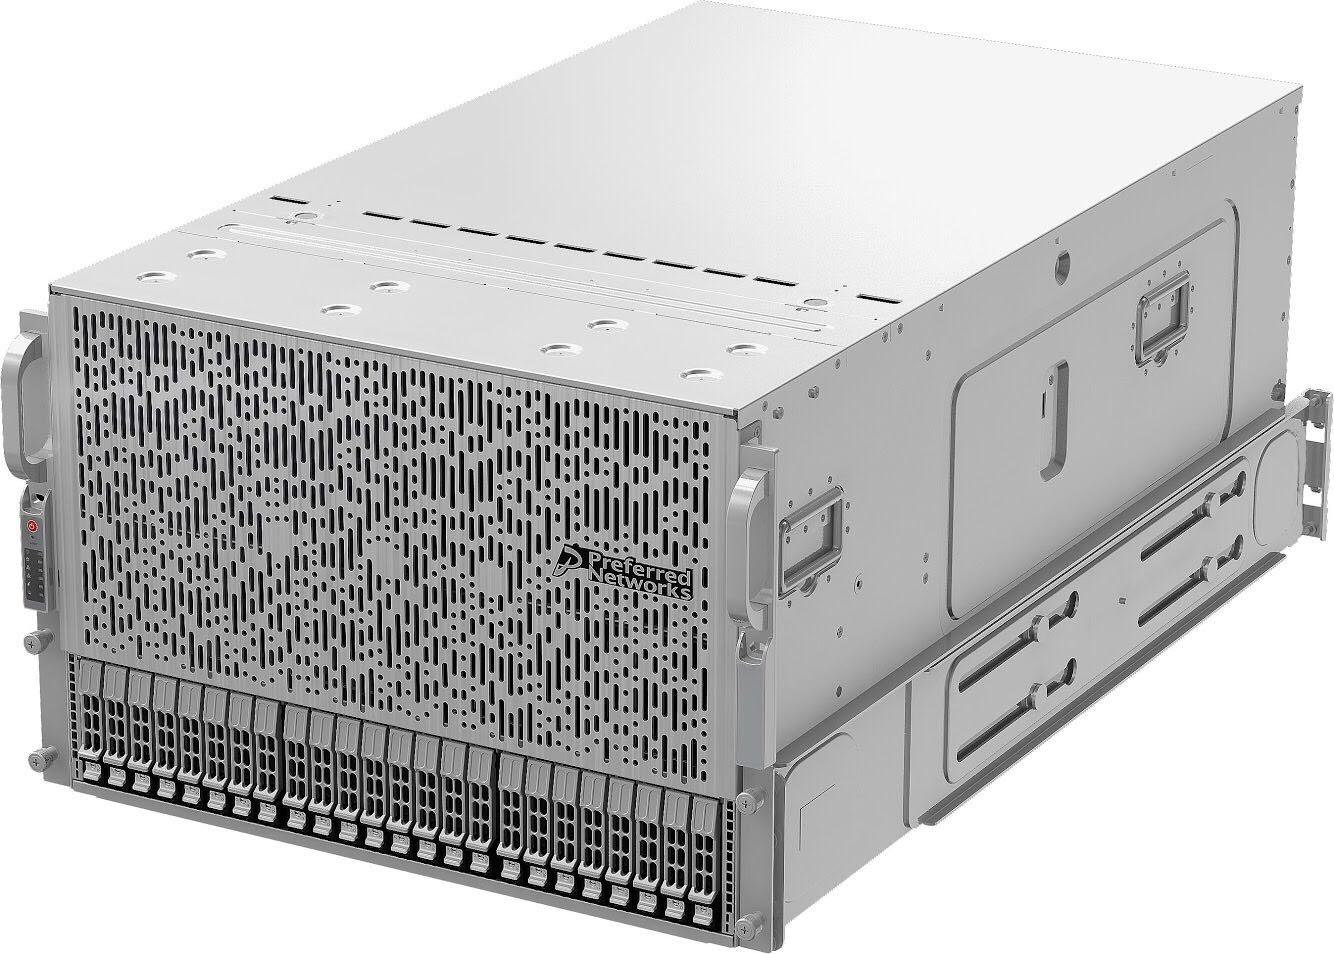 7Uサイズのサーバー。4枚のMN-Coreボードを搭載できる